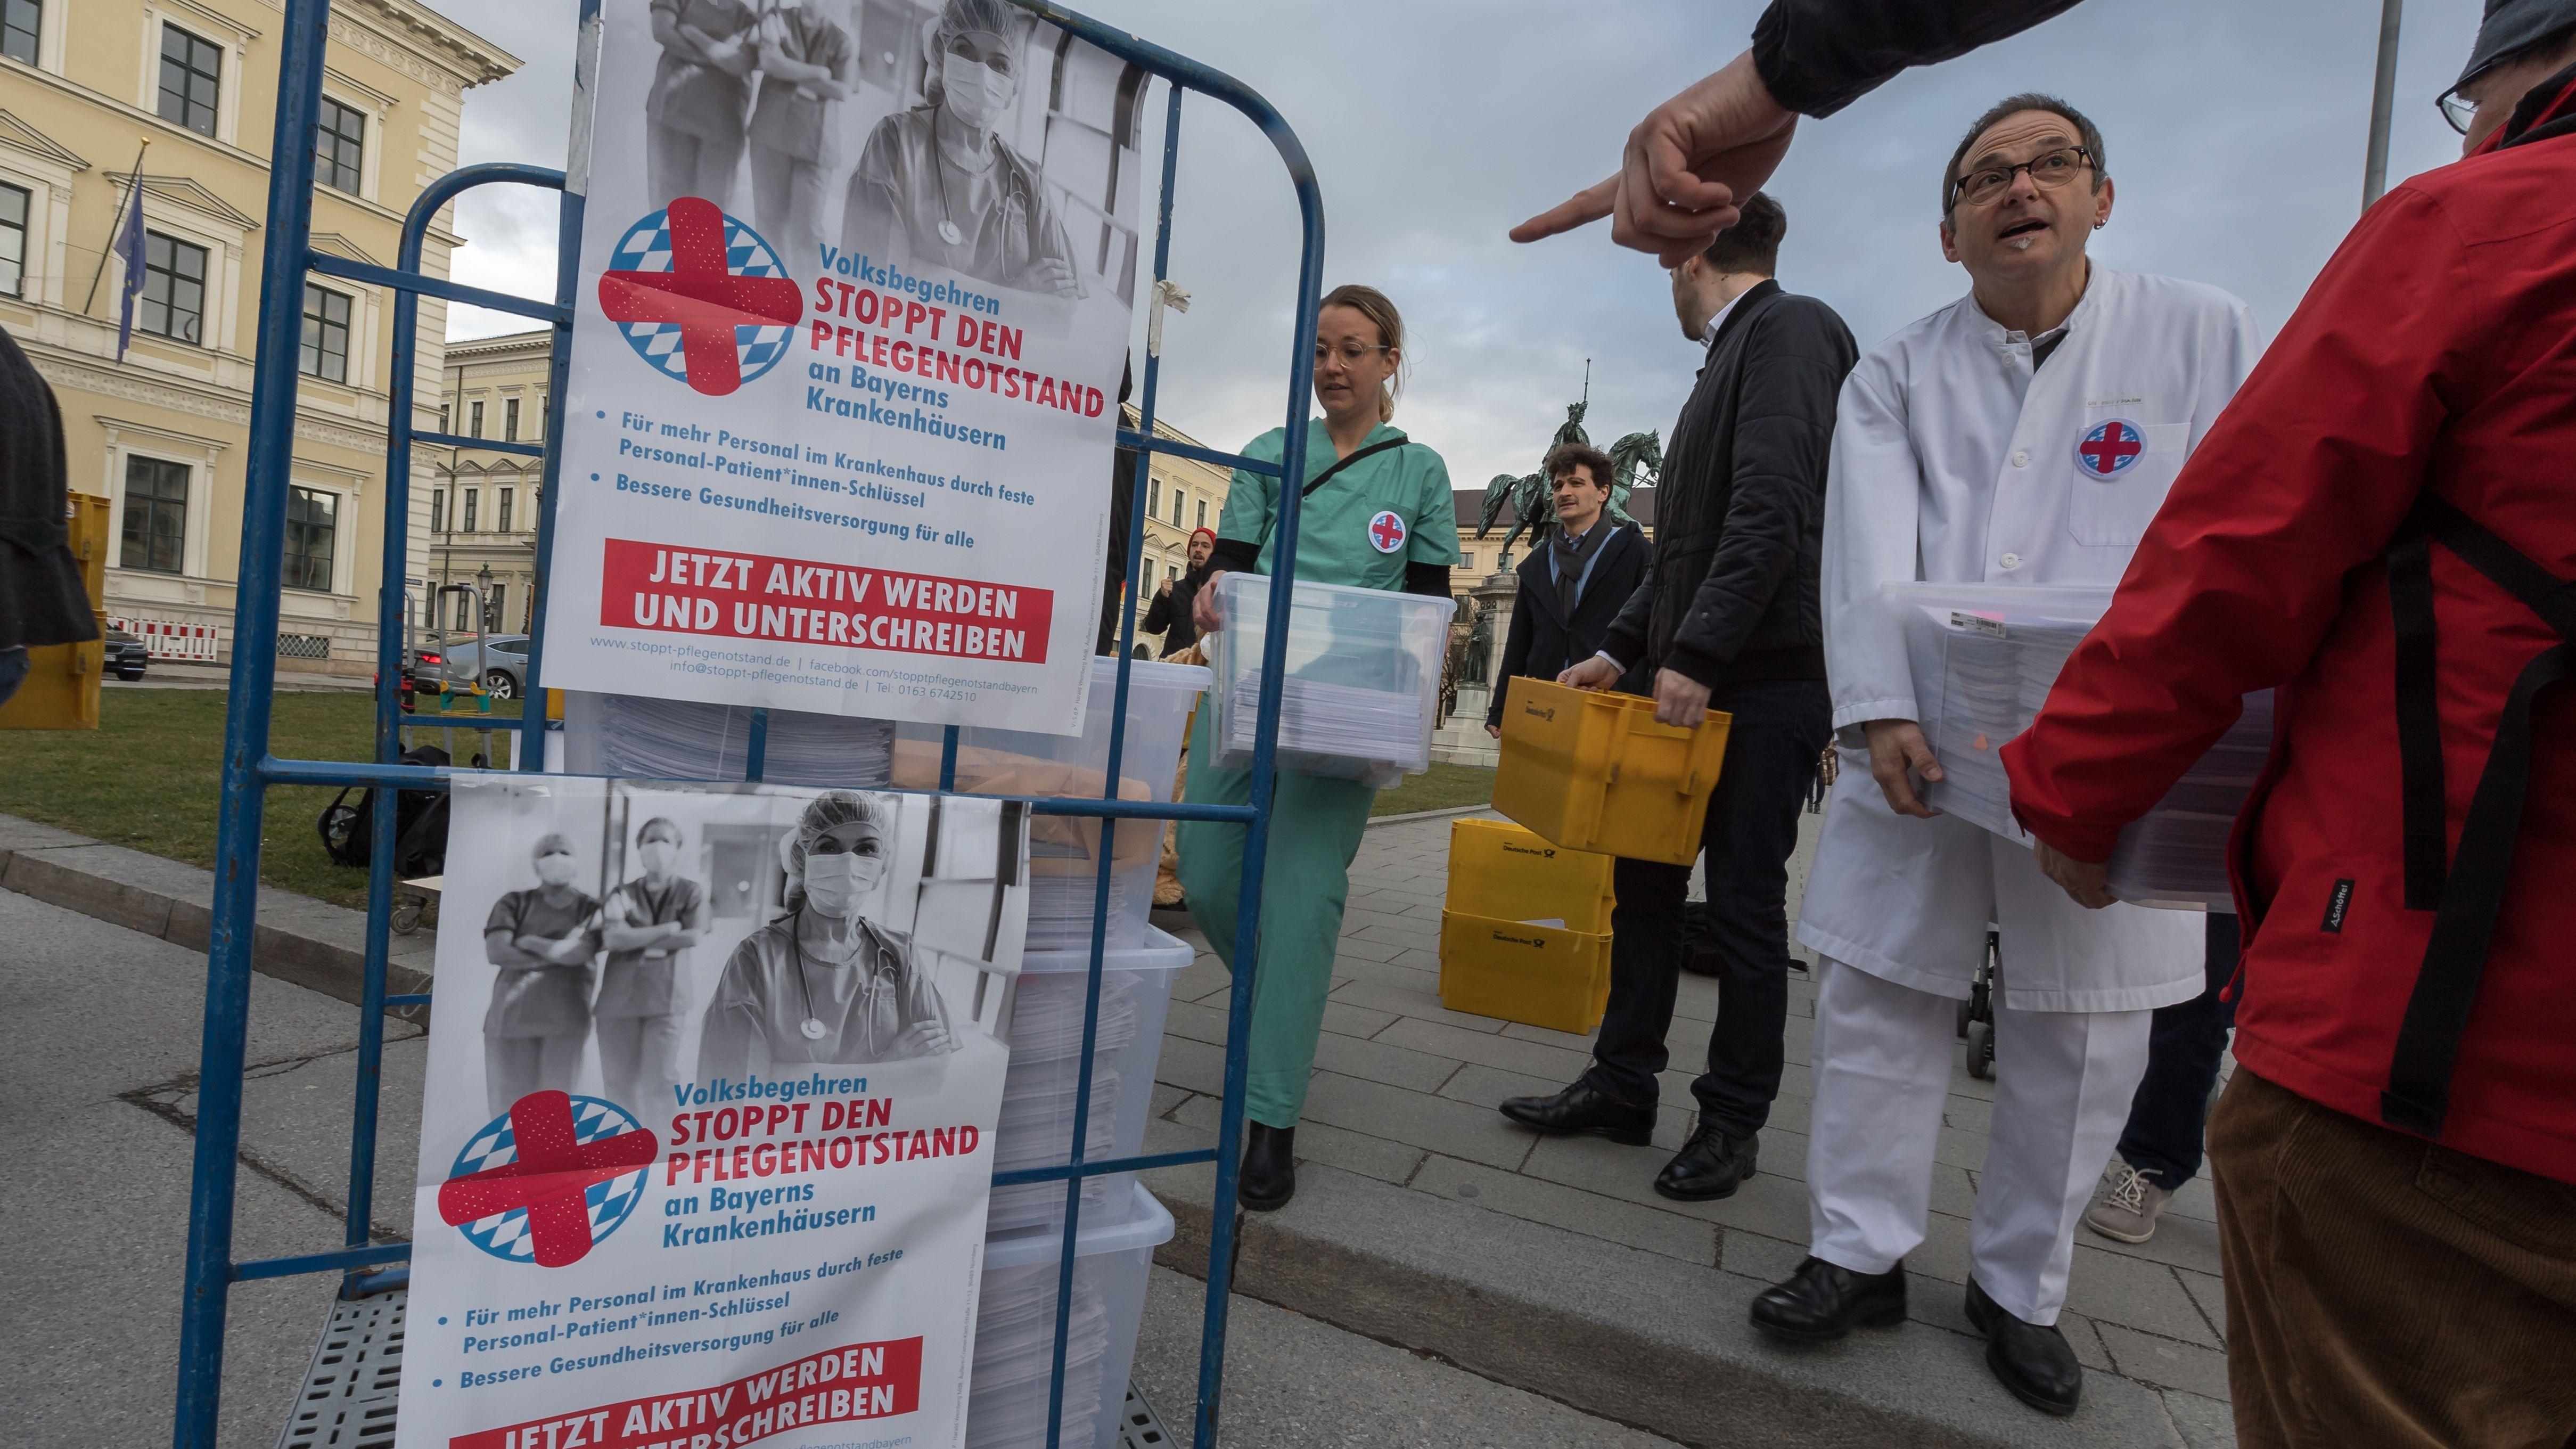 """Organisatoren des Volksbegehrens """"Stoppt den Pflegenotstand"""" überreichen am 8. März 2019 vor dem Innenministerium die gesammelten Unterschriften."""